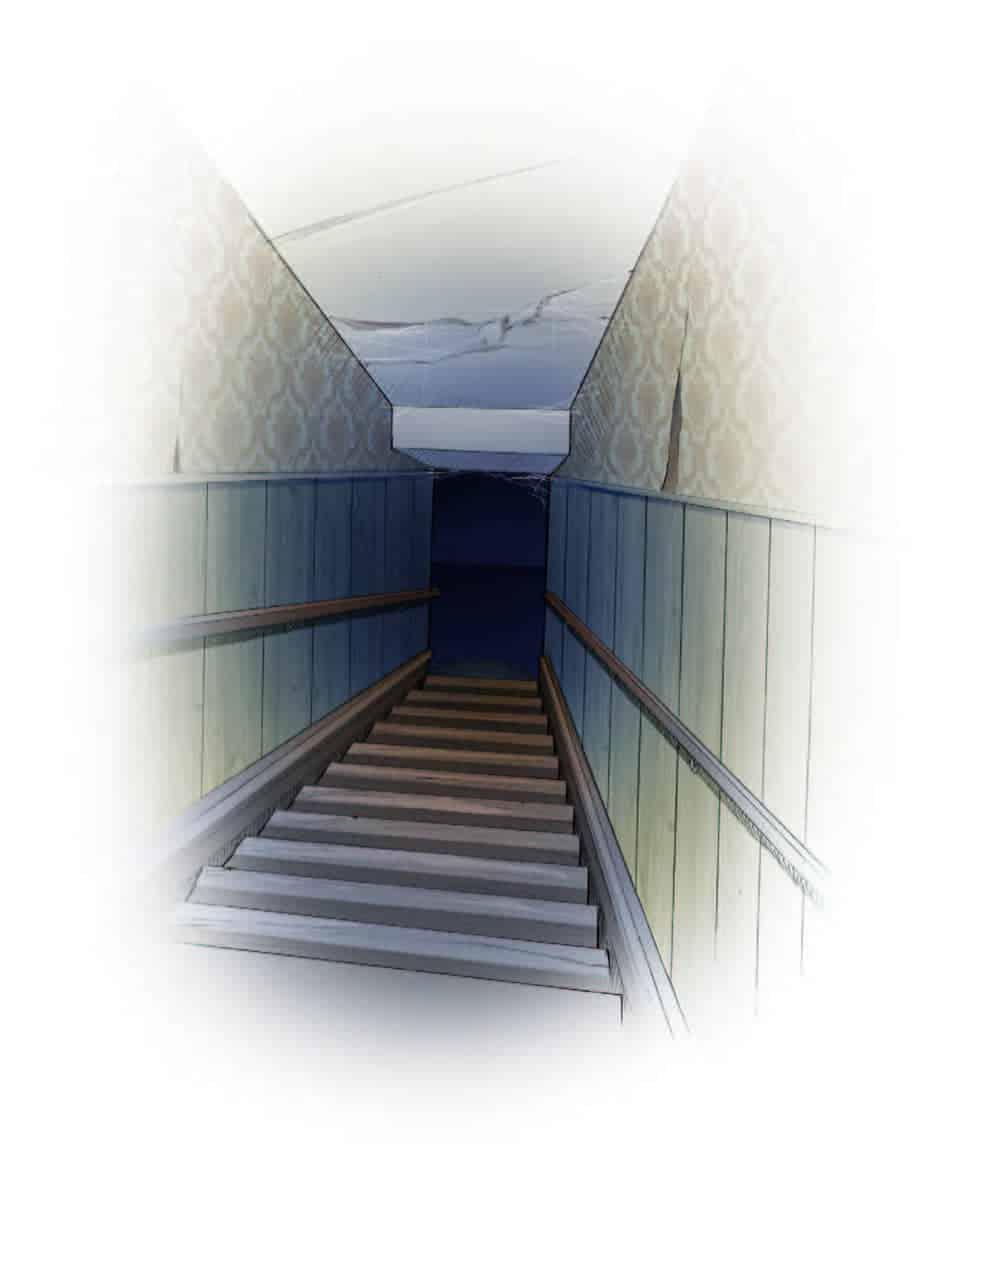 Stairway to Headache